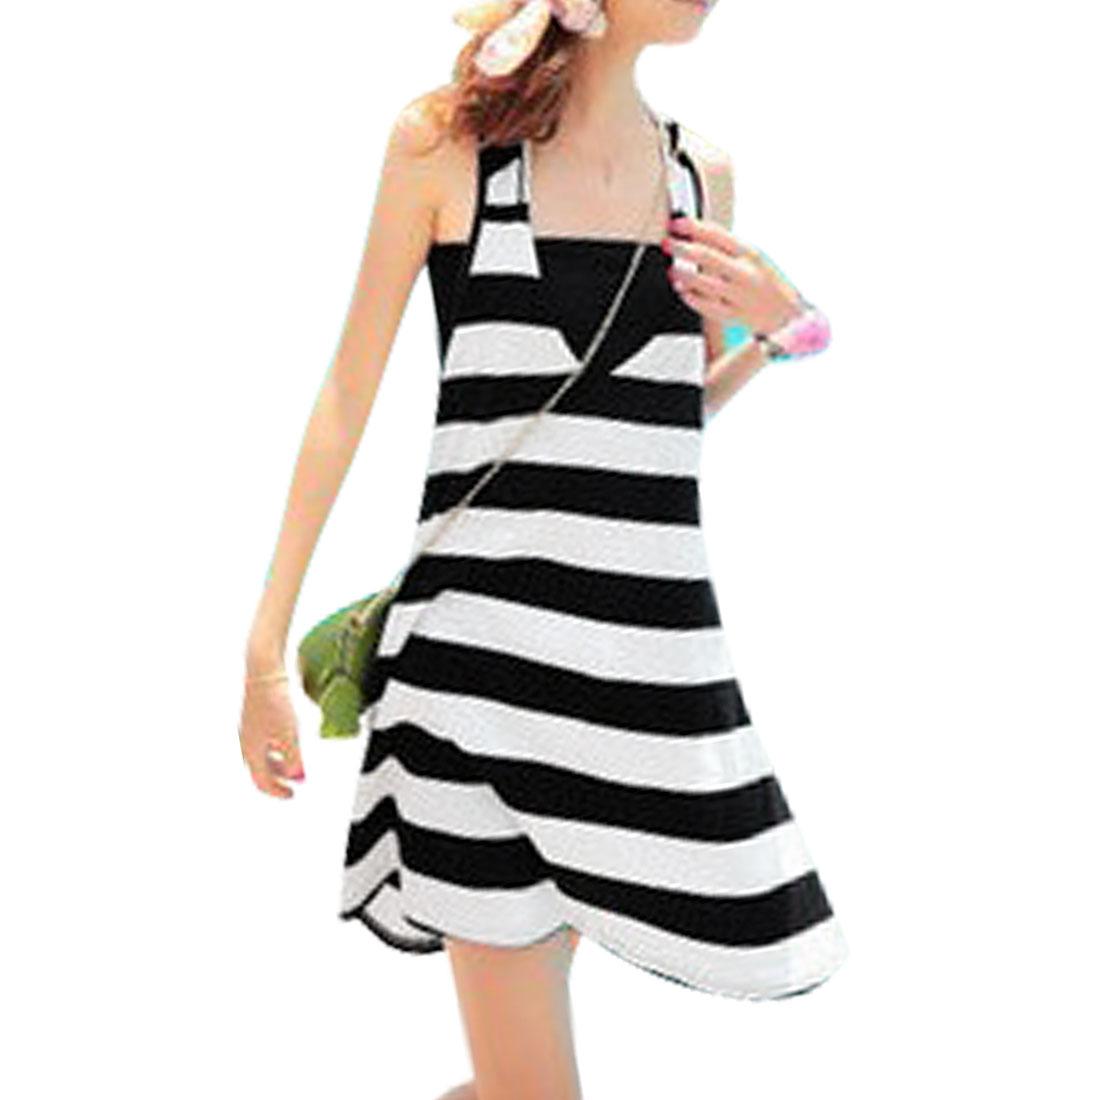 Black White Stripes Pattern Racerback Tank Dress XS w Chest Wrap for Ladies